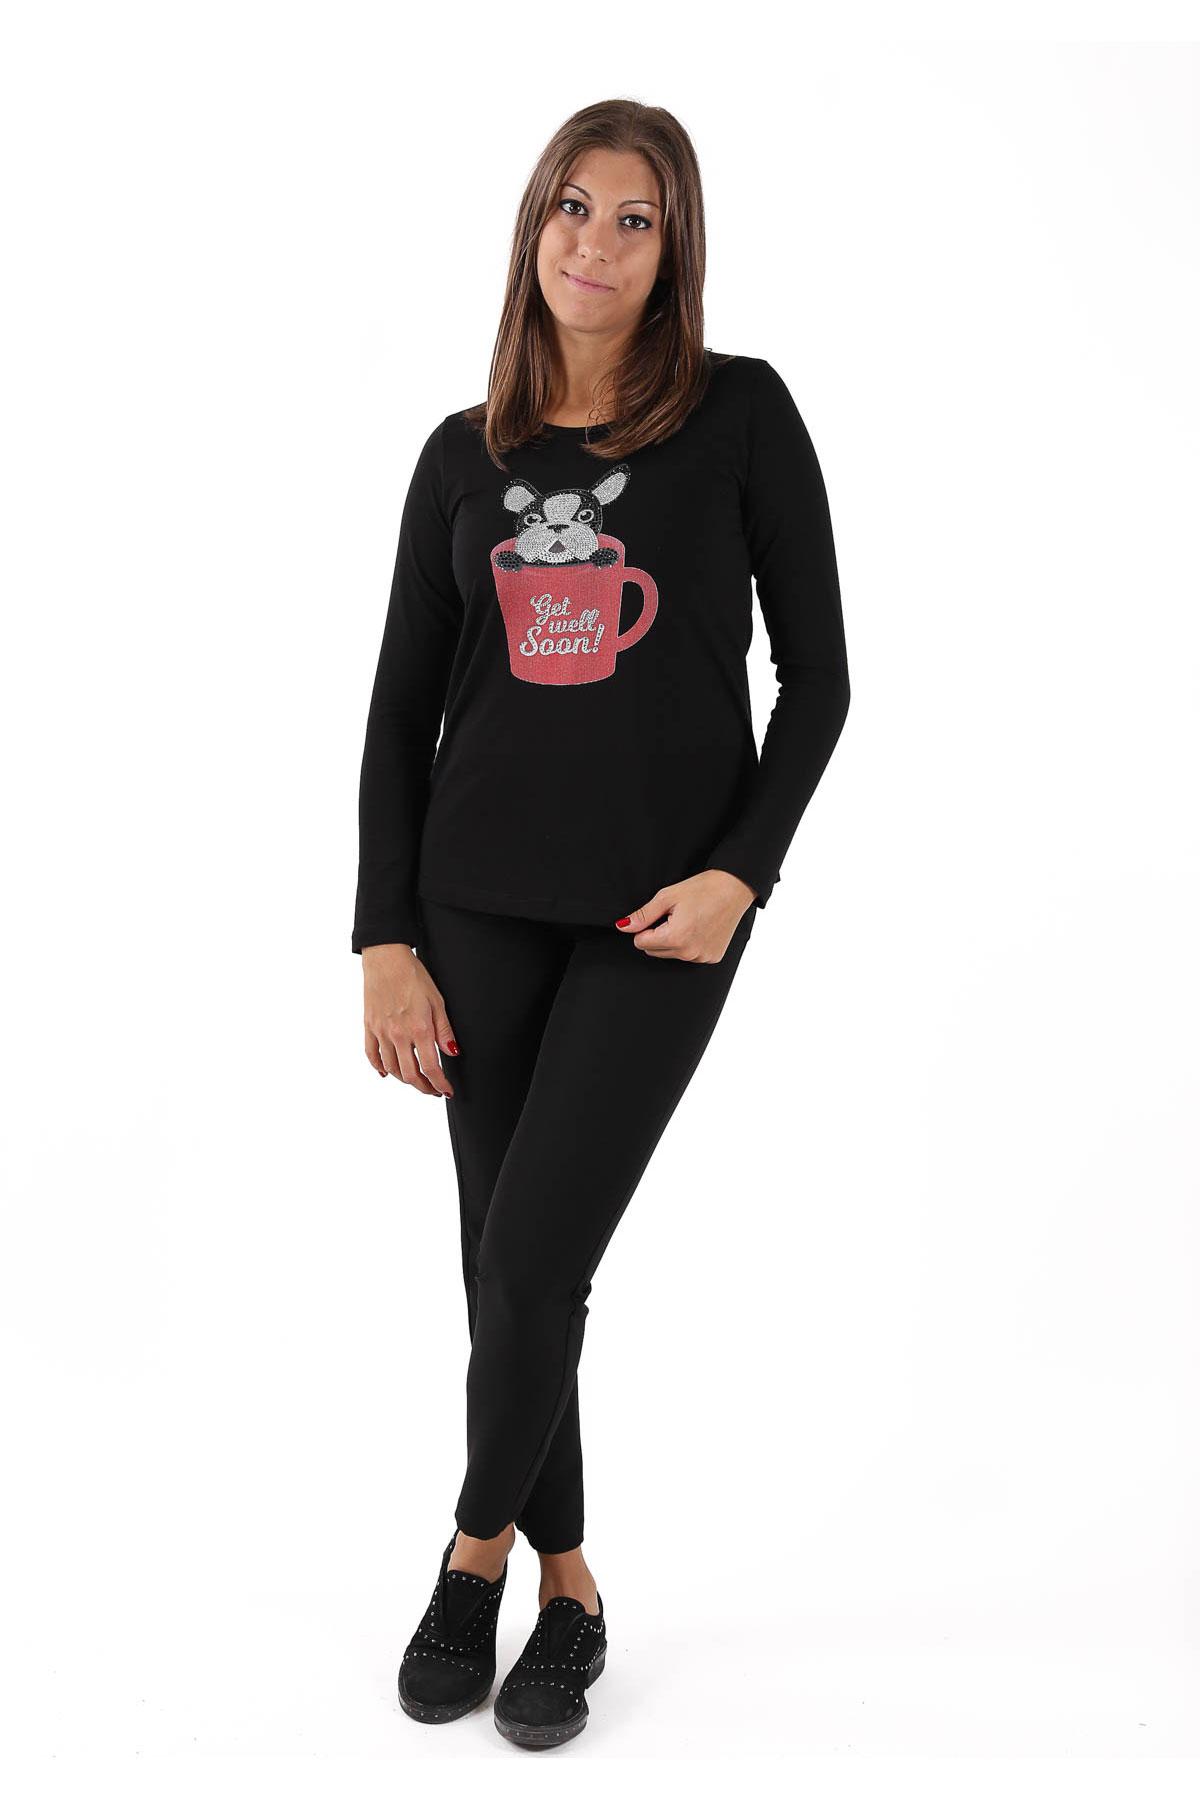 T-SHIRT A MANICA LUNGA IN COTONE STAMPATA CON APPLICAZIONE STRASS  da donna - NERO - Paquito Pronto Moda Shop Online